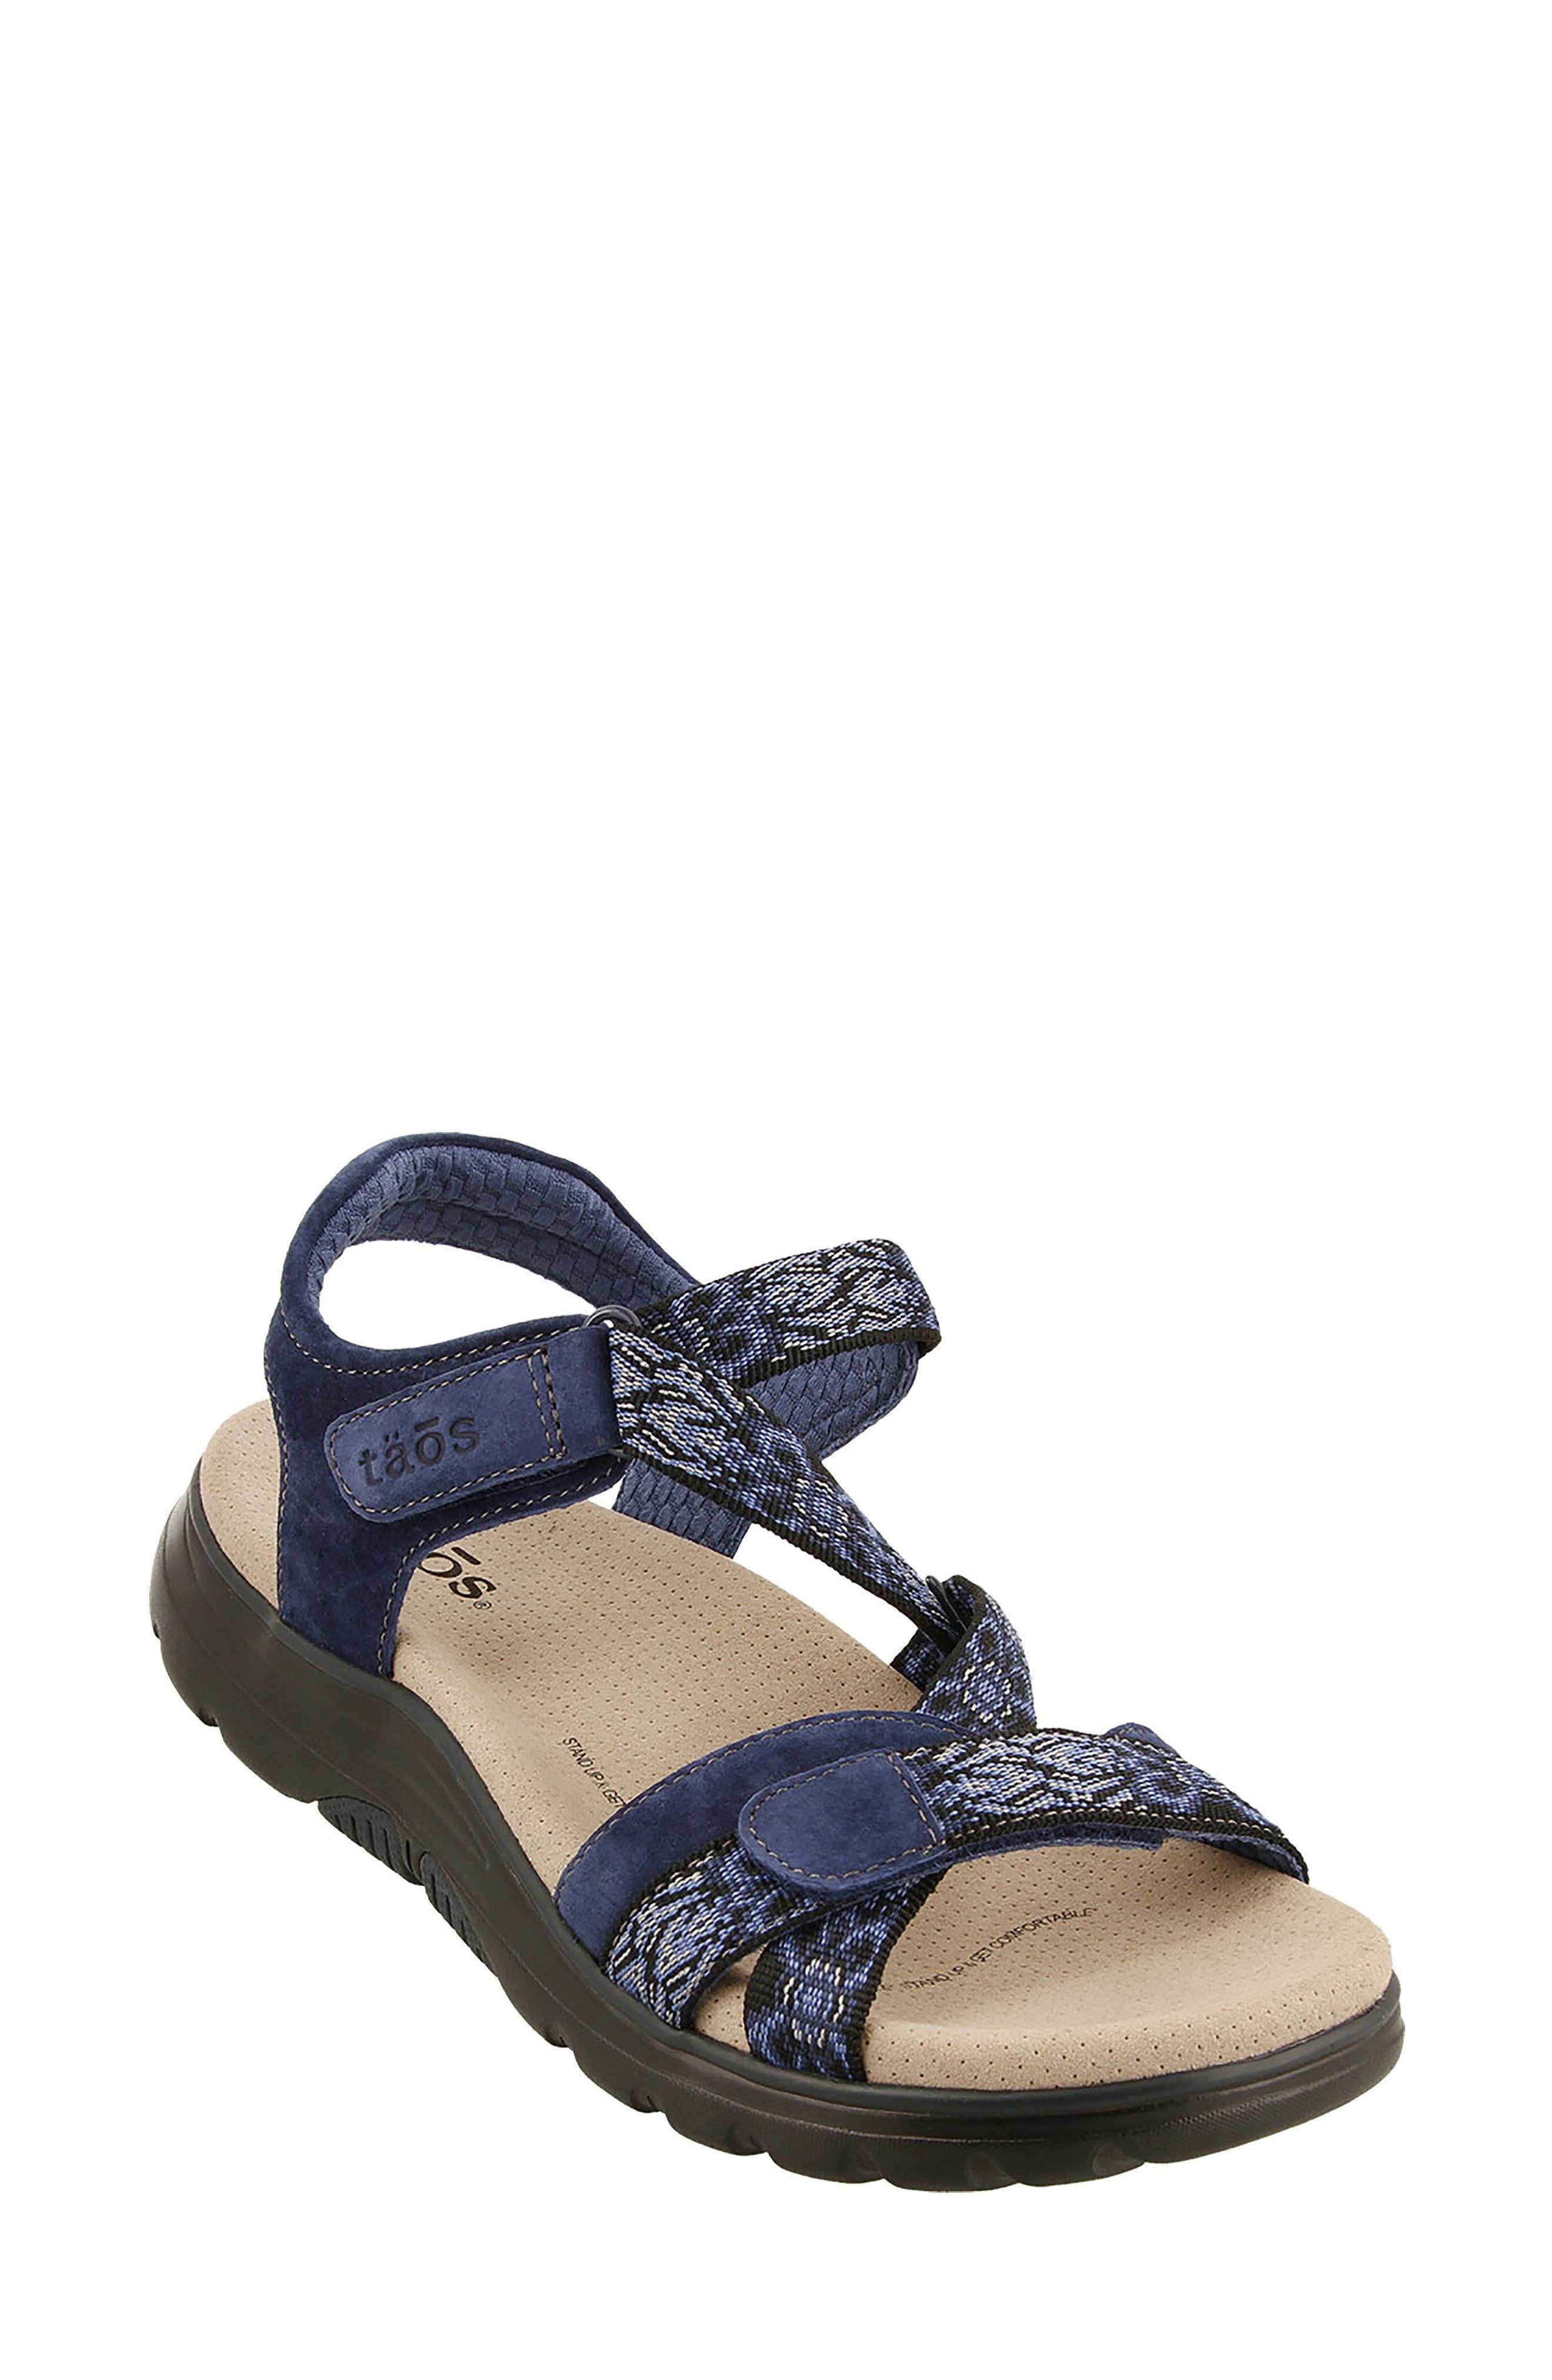 Zen Sandal,                             Main thumbnail 1, color,                             Navy/ Blue Leather